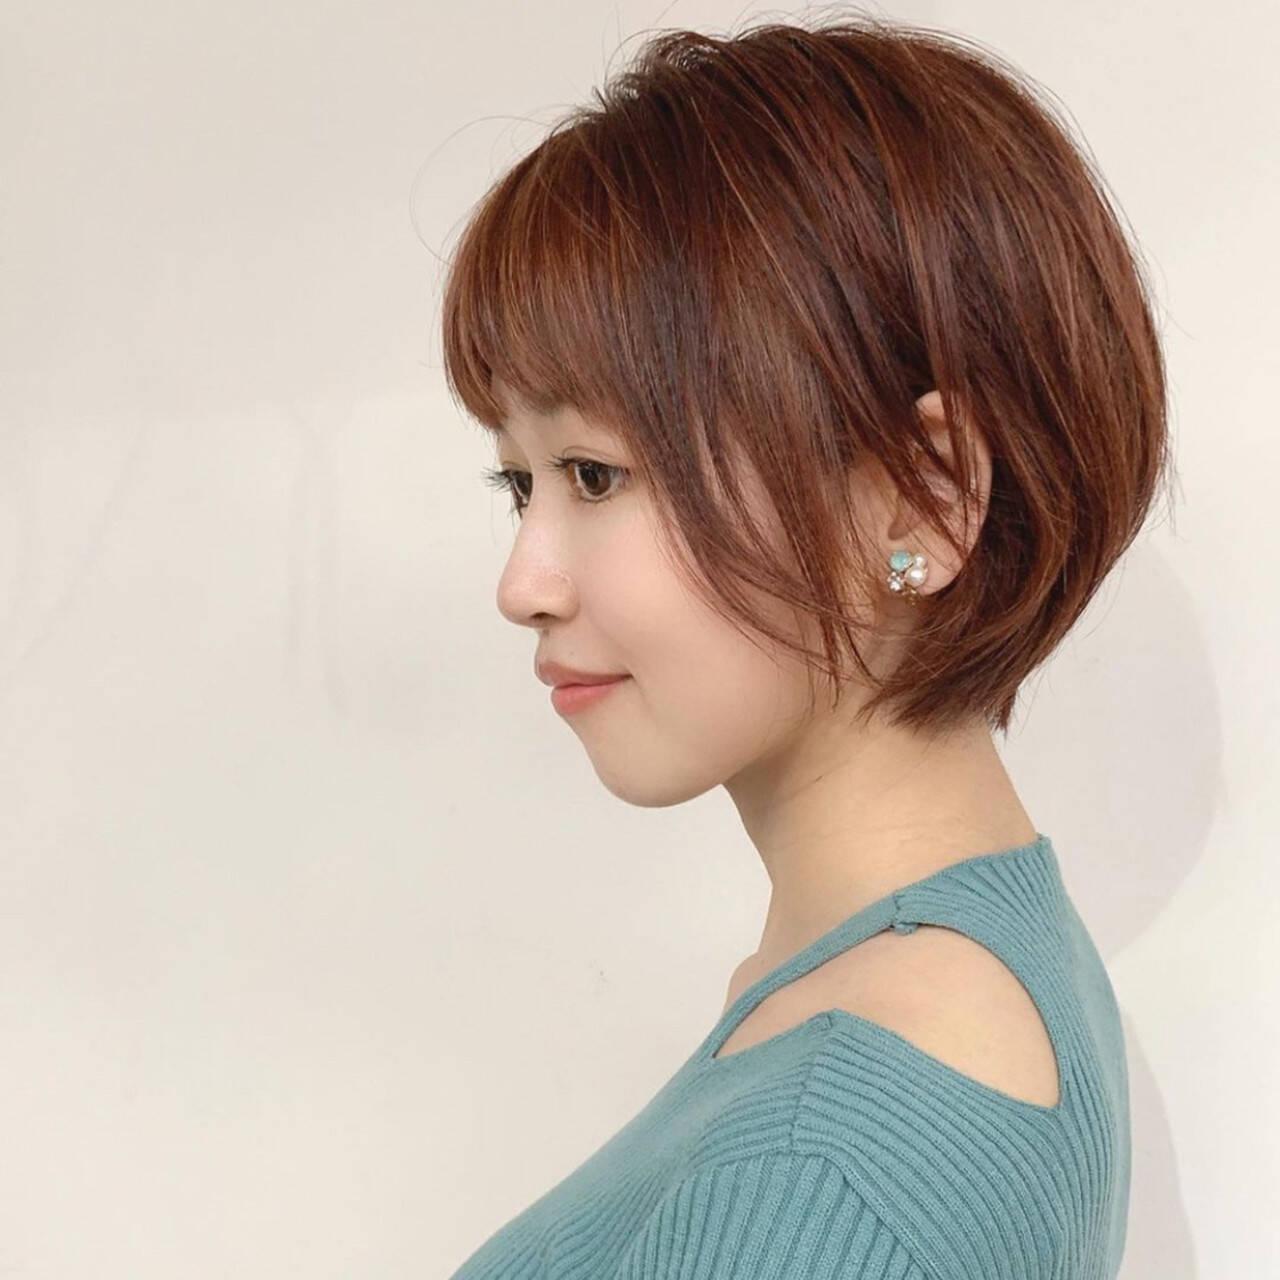 ラズベリーピンク ショート 耳かけ ローライトヘアスタイルや髪型の写真・画像